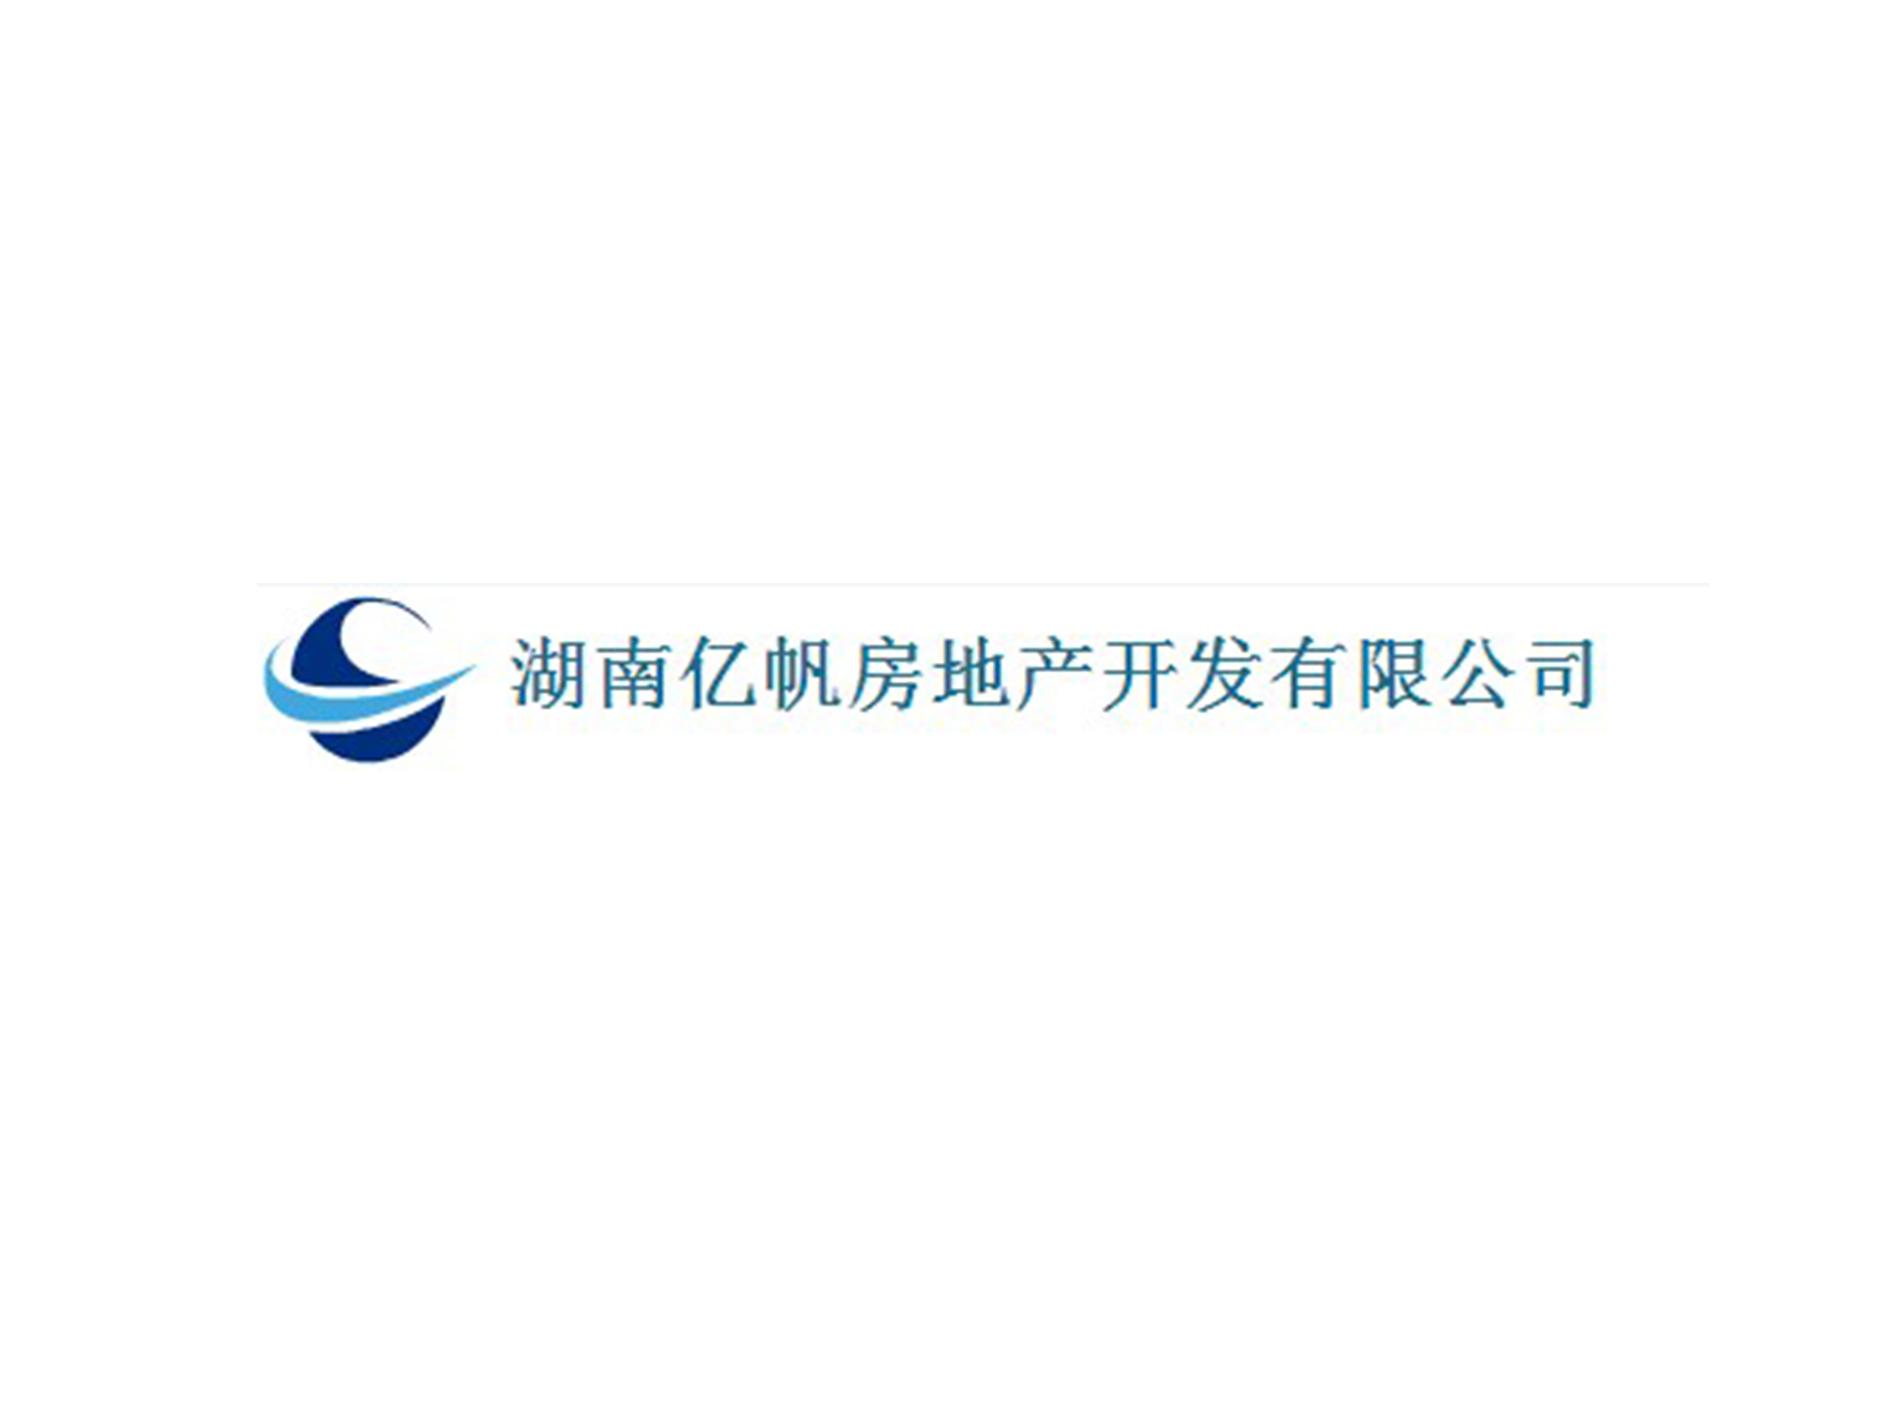 柏思合作伙伴-湖南亿帆房地产